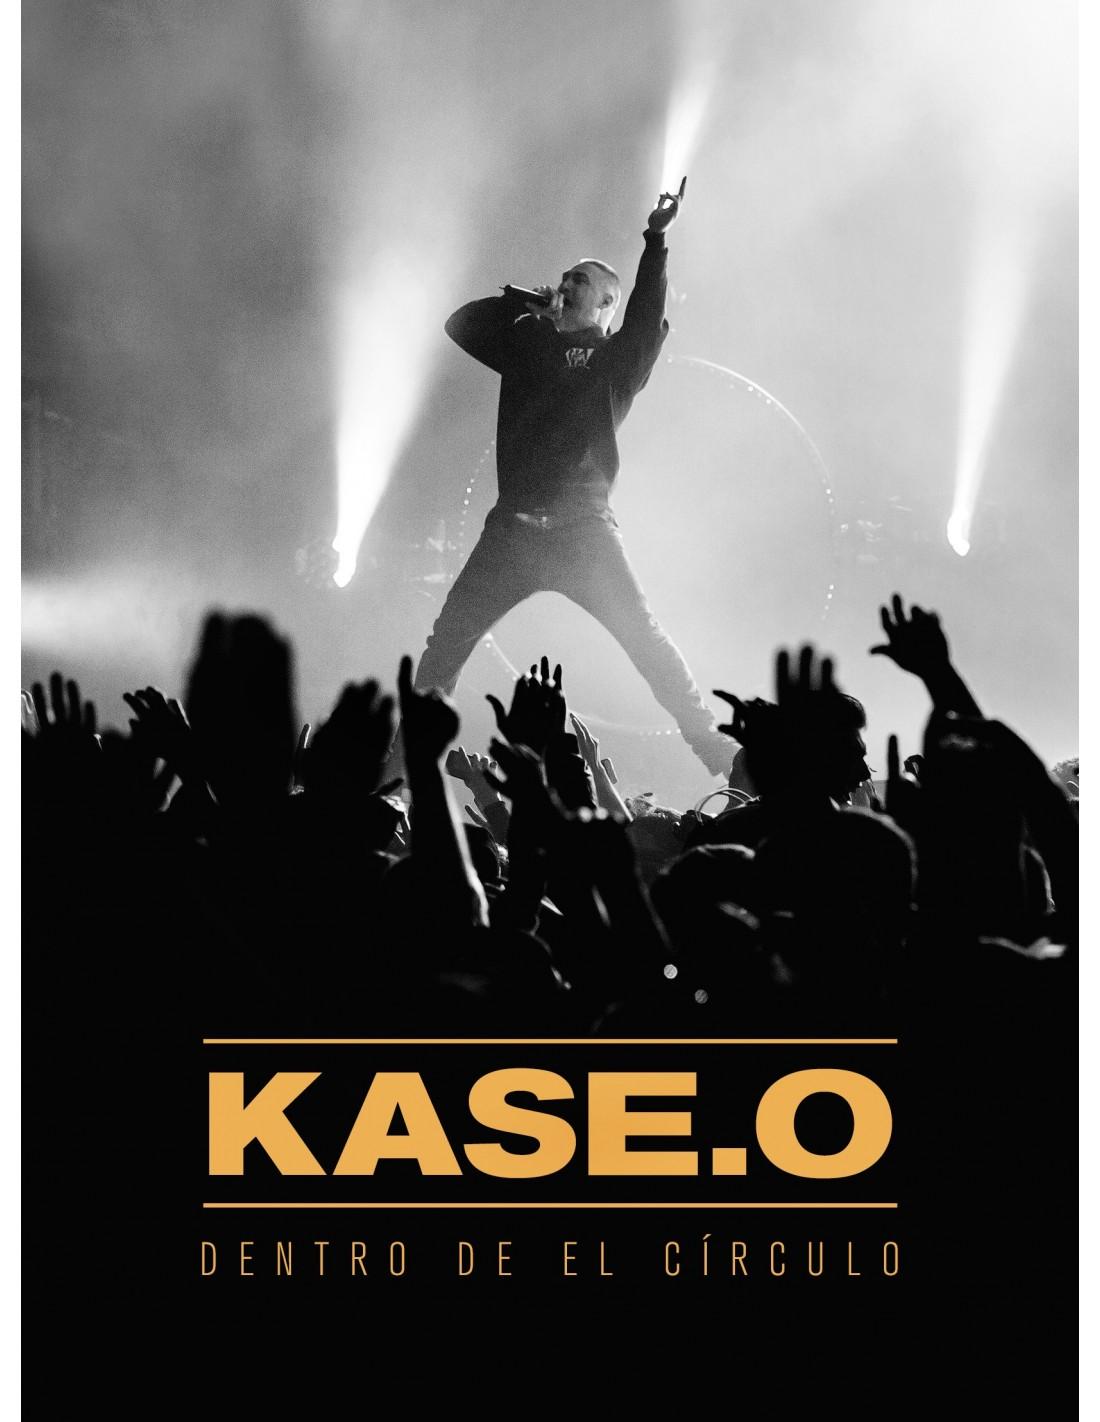 Kase O + Jazz Magnetism - Página 3 2blue-ray-2cd-kaseo-dentro-de-el-circulo